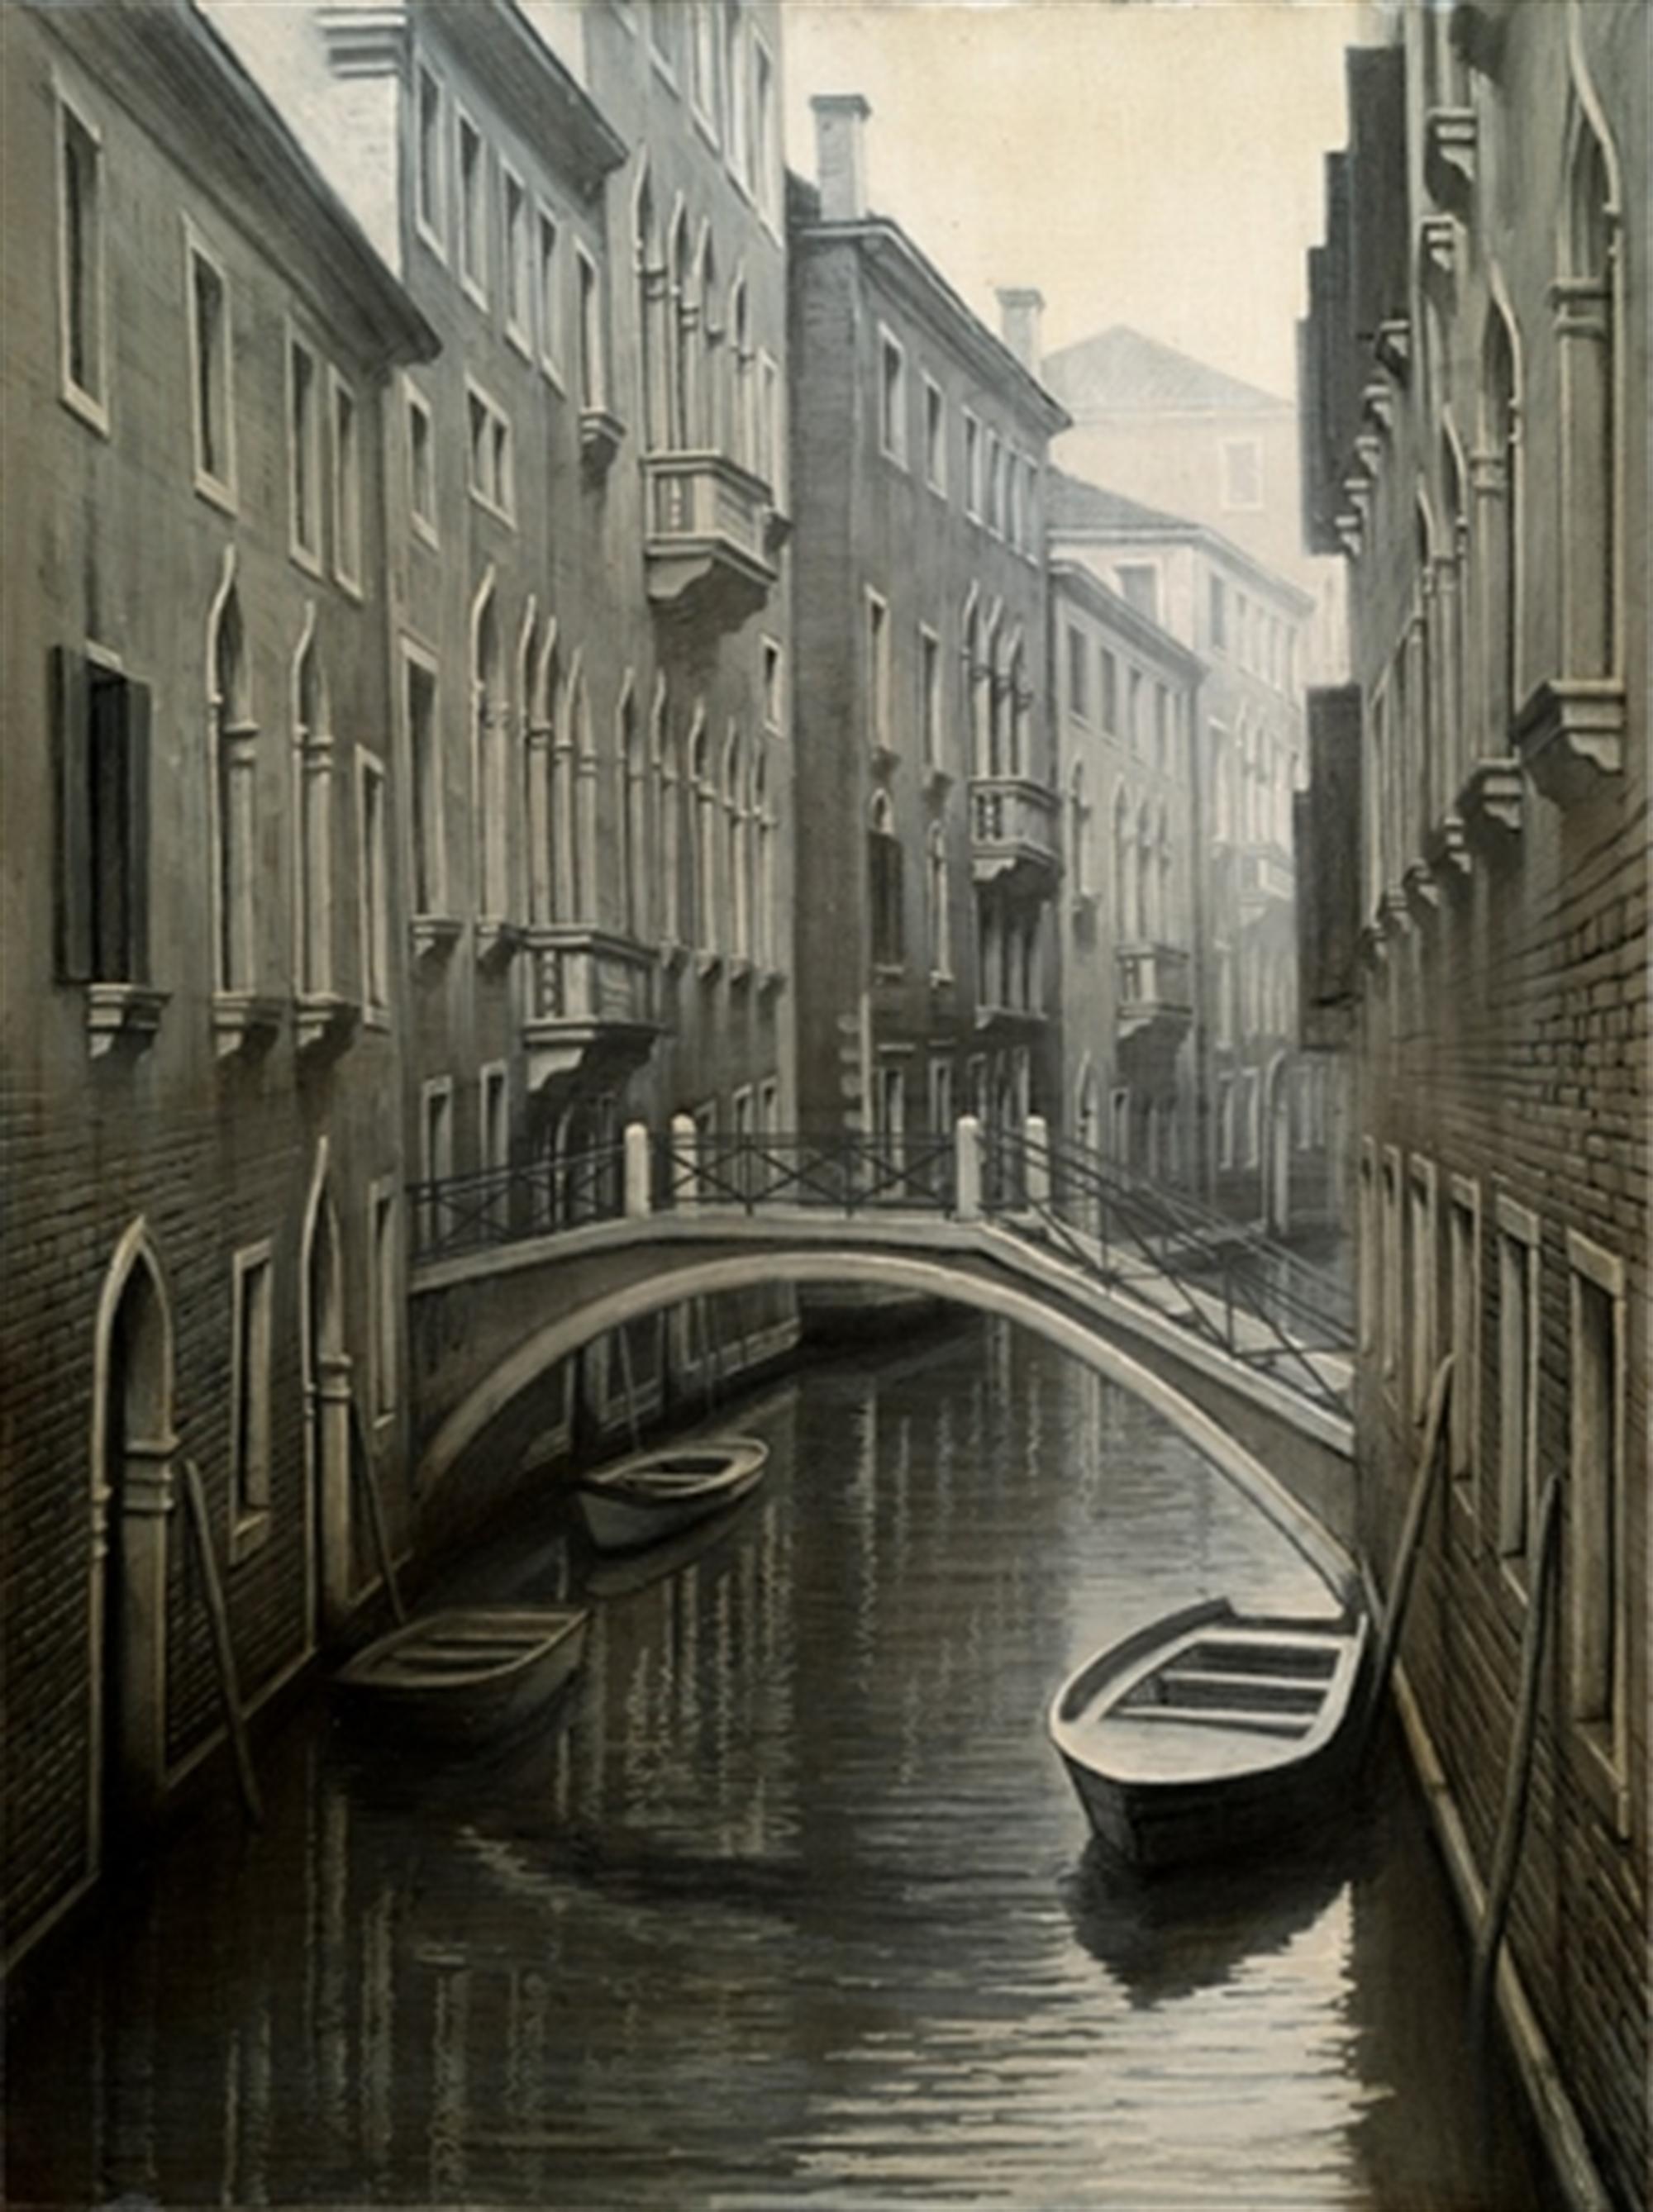 Timeless Venice by Alexei Butirskiy